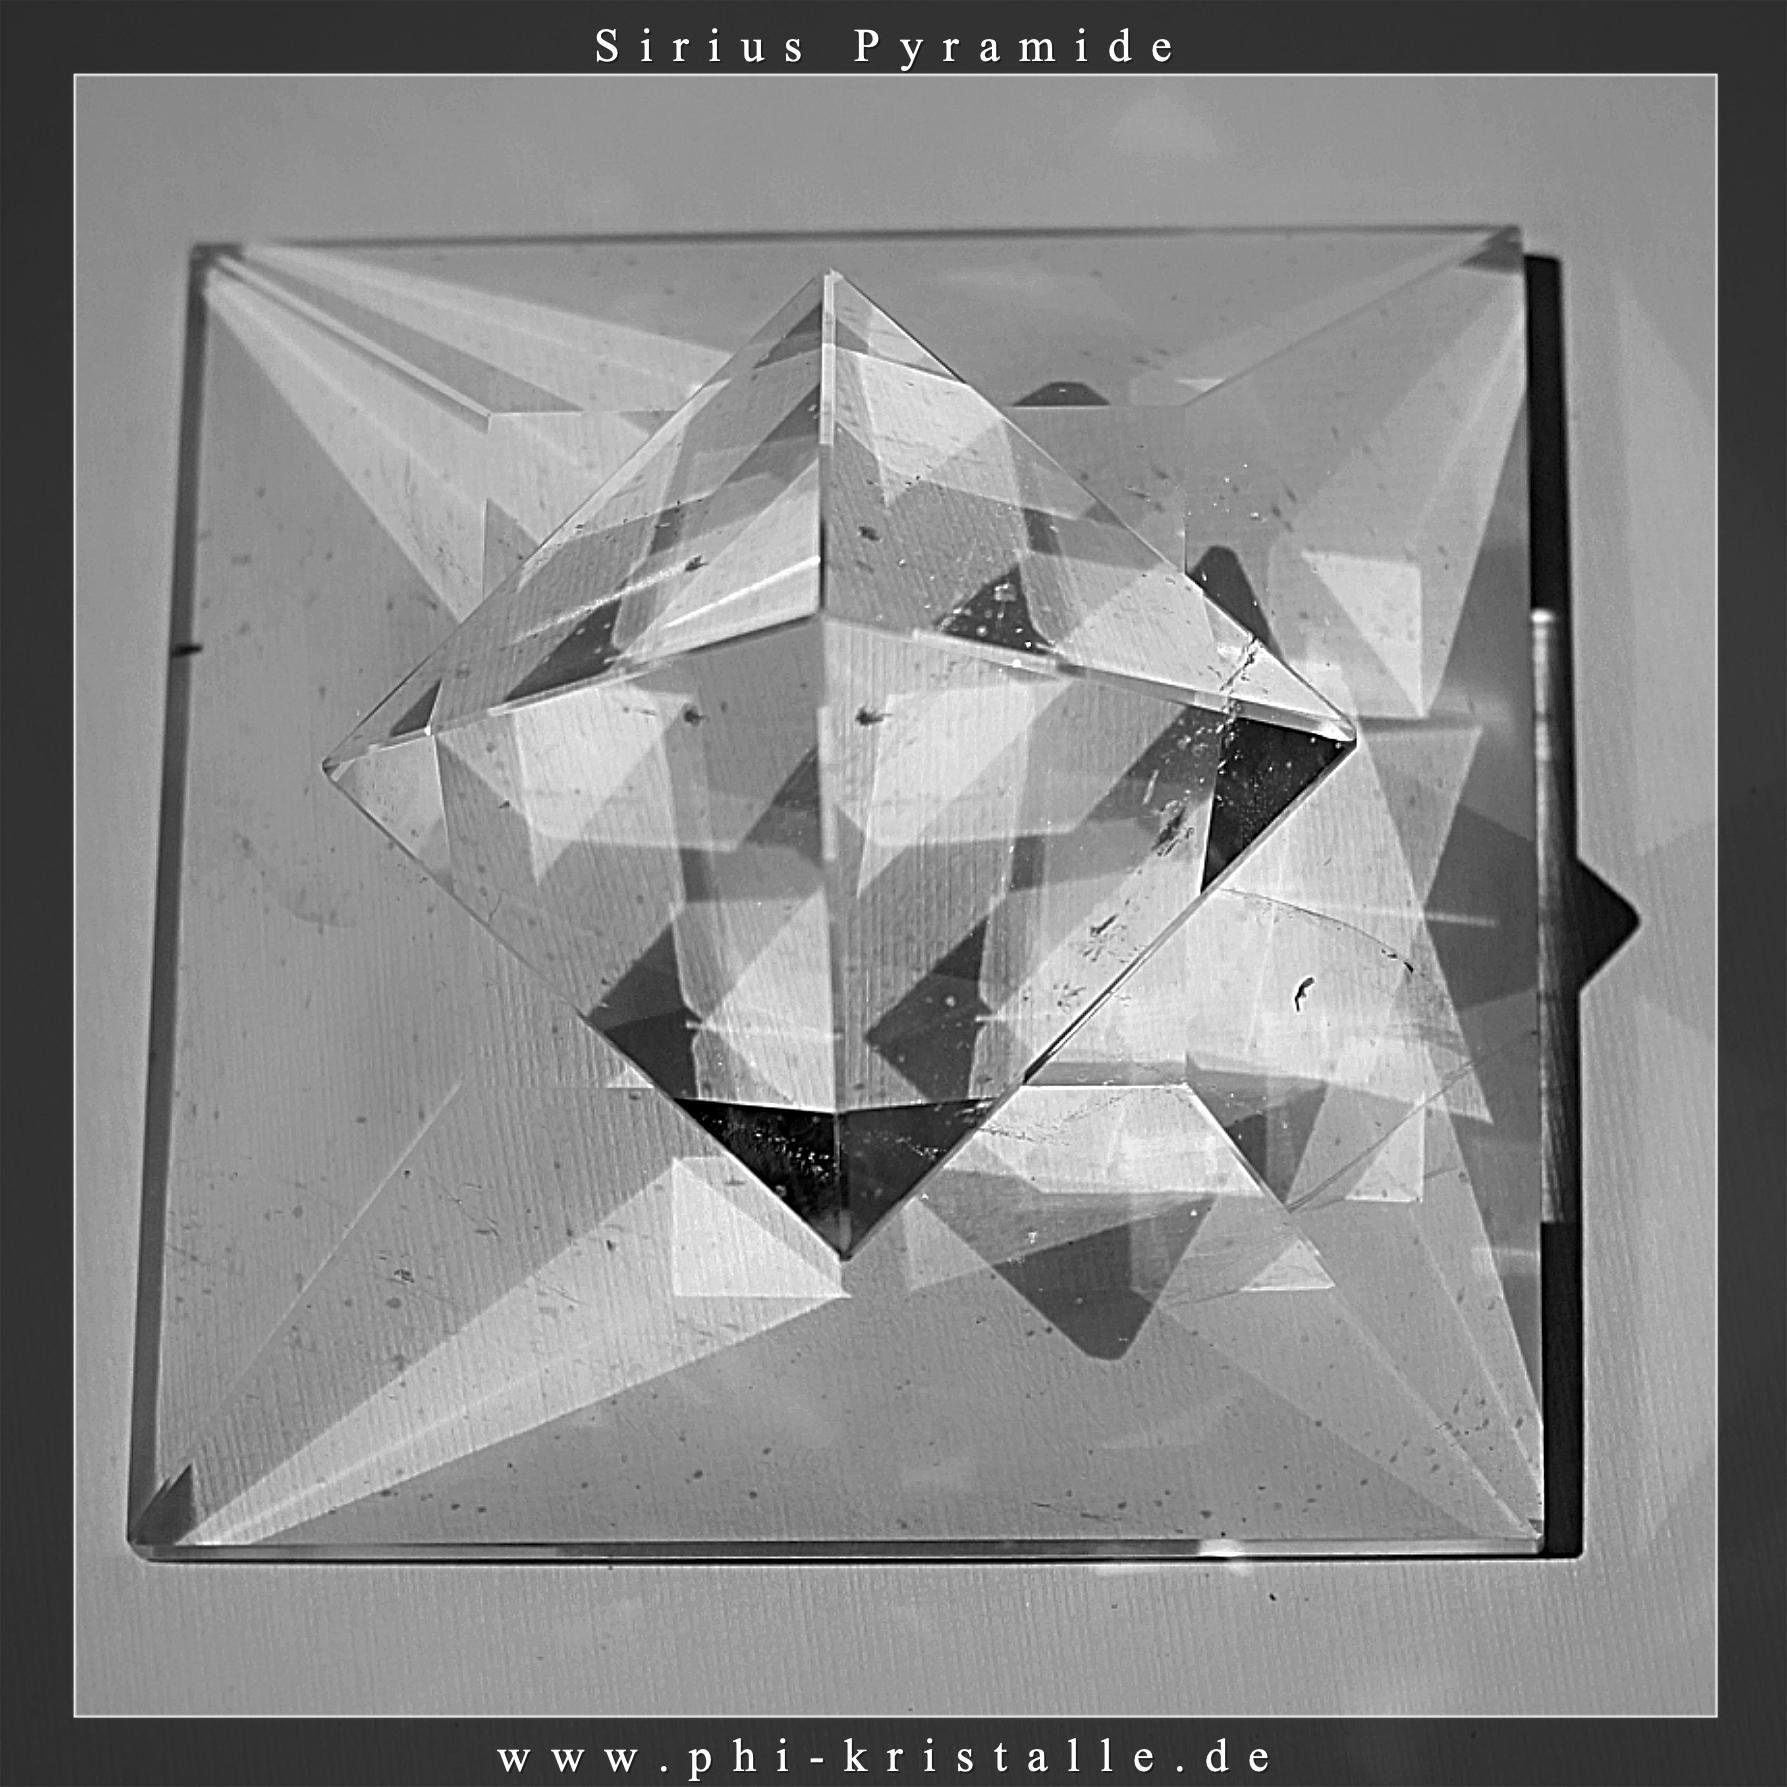 Sirius Pyramide